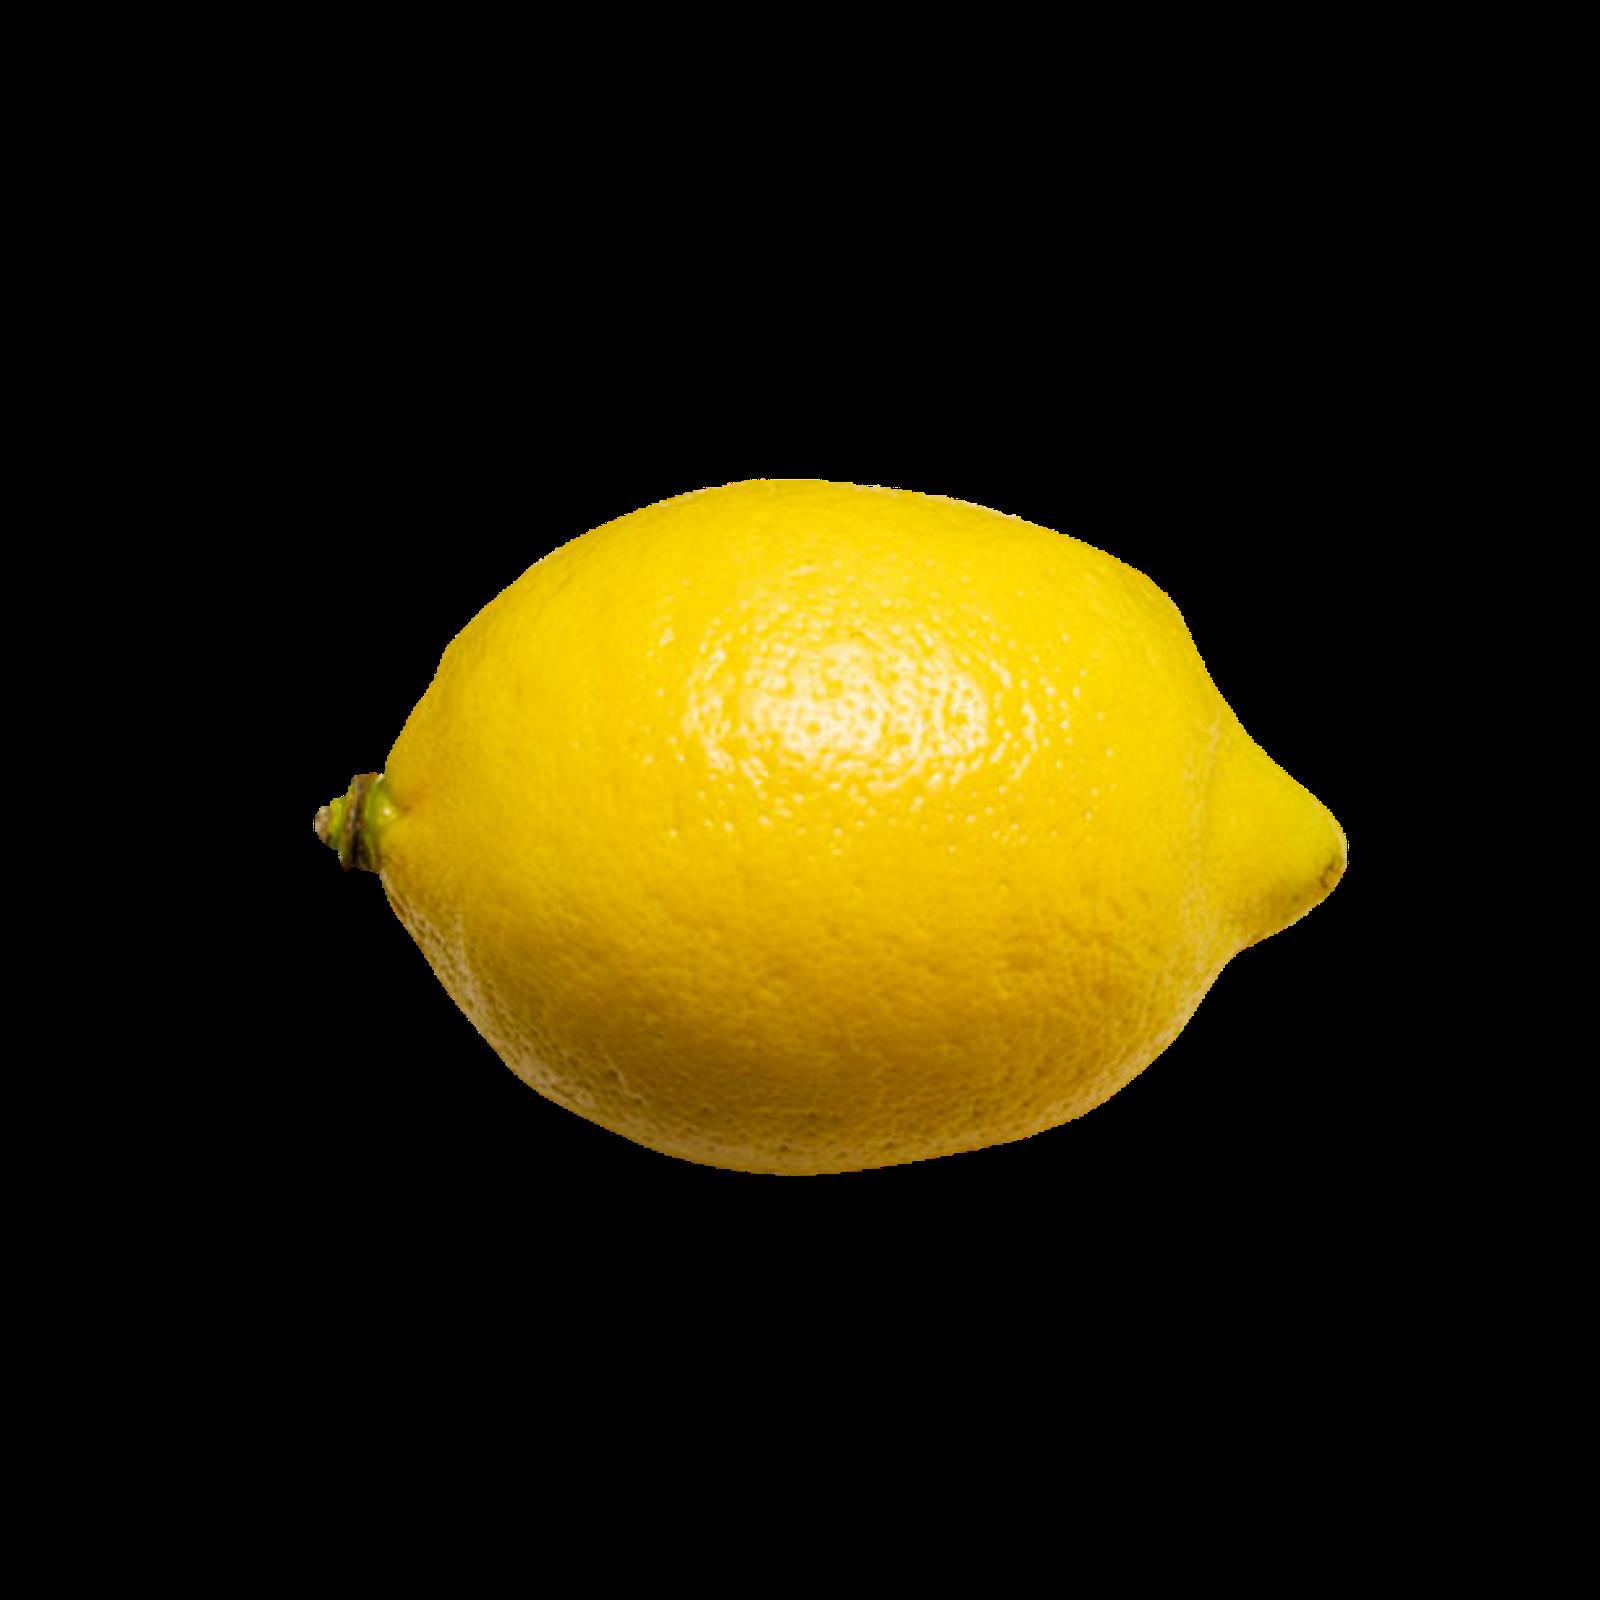 Lemon six isolated stock. Lemons clipart face